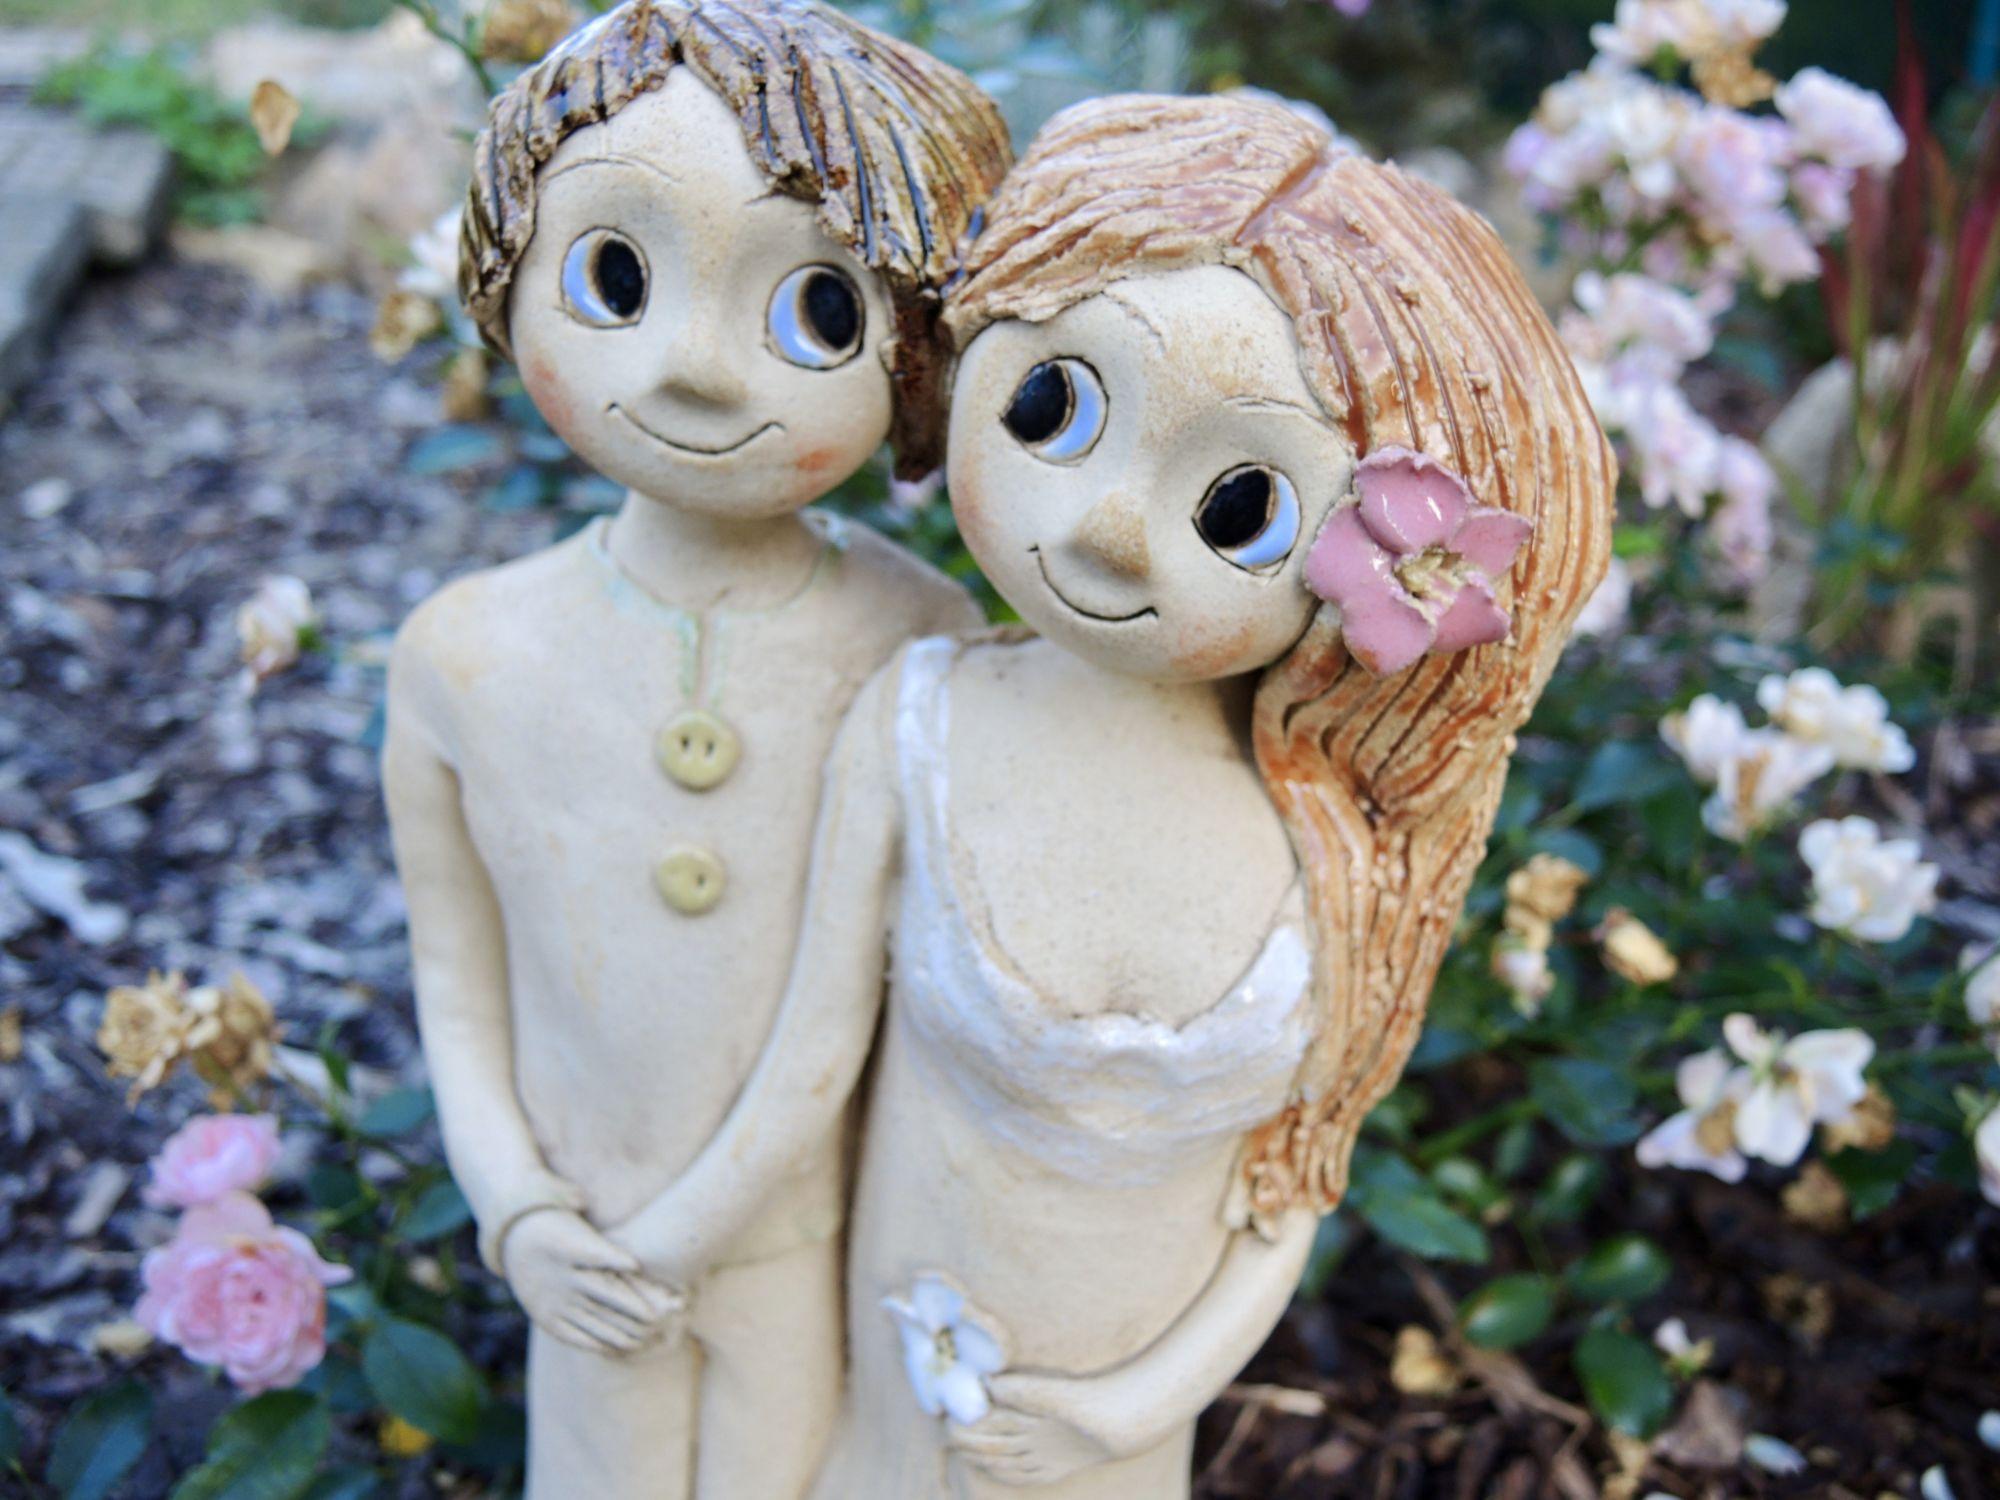 dvojice ona a on souznění propojení jednota láska dva soška keramika figura keramikaandee dekorace